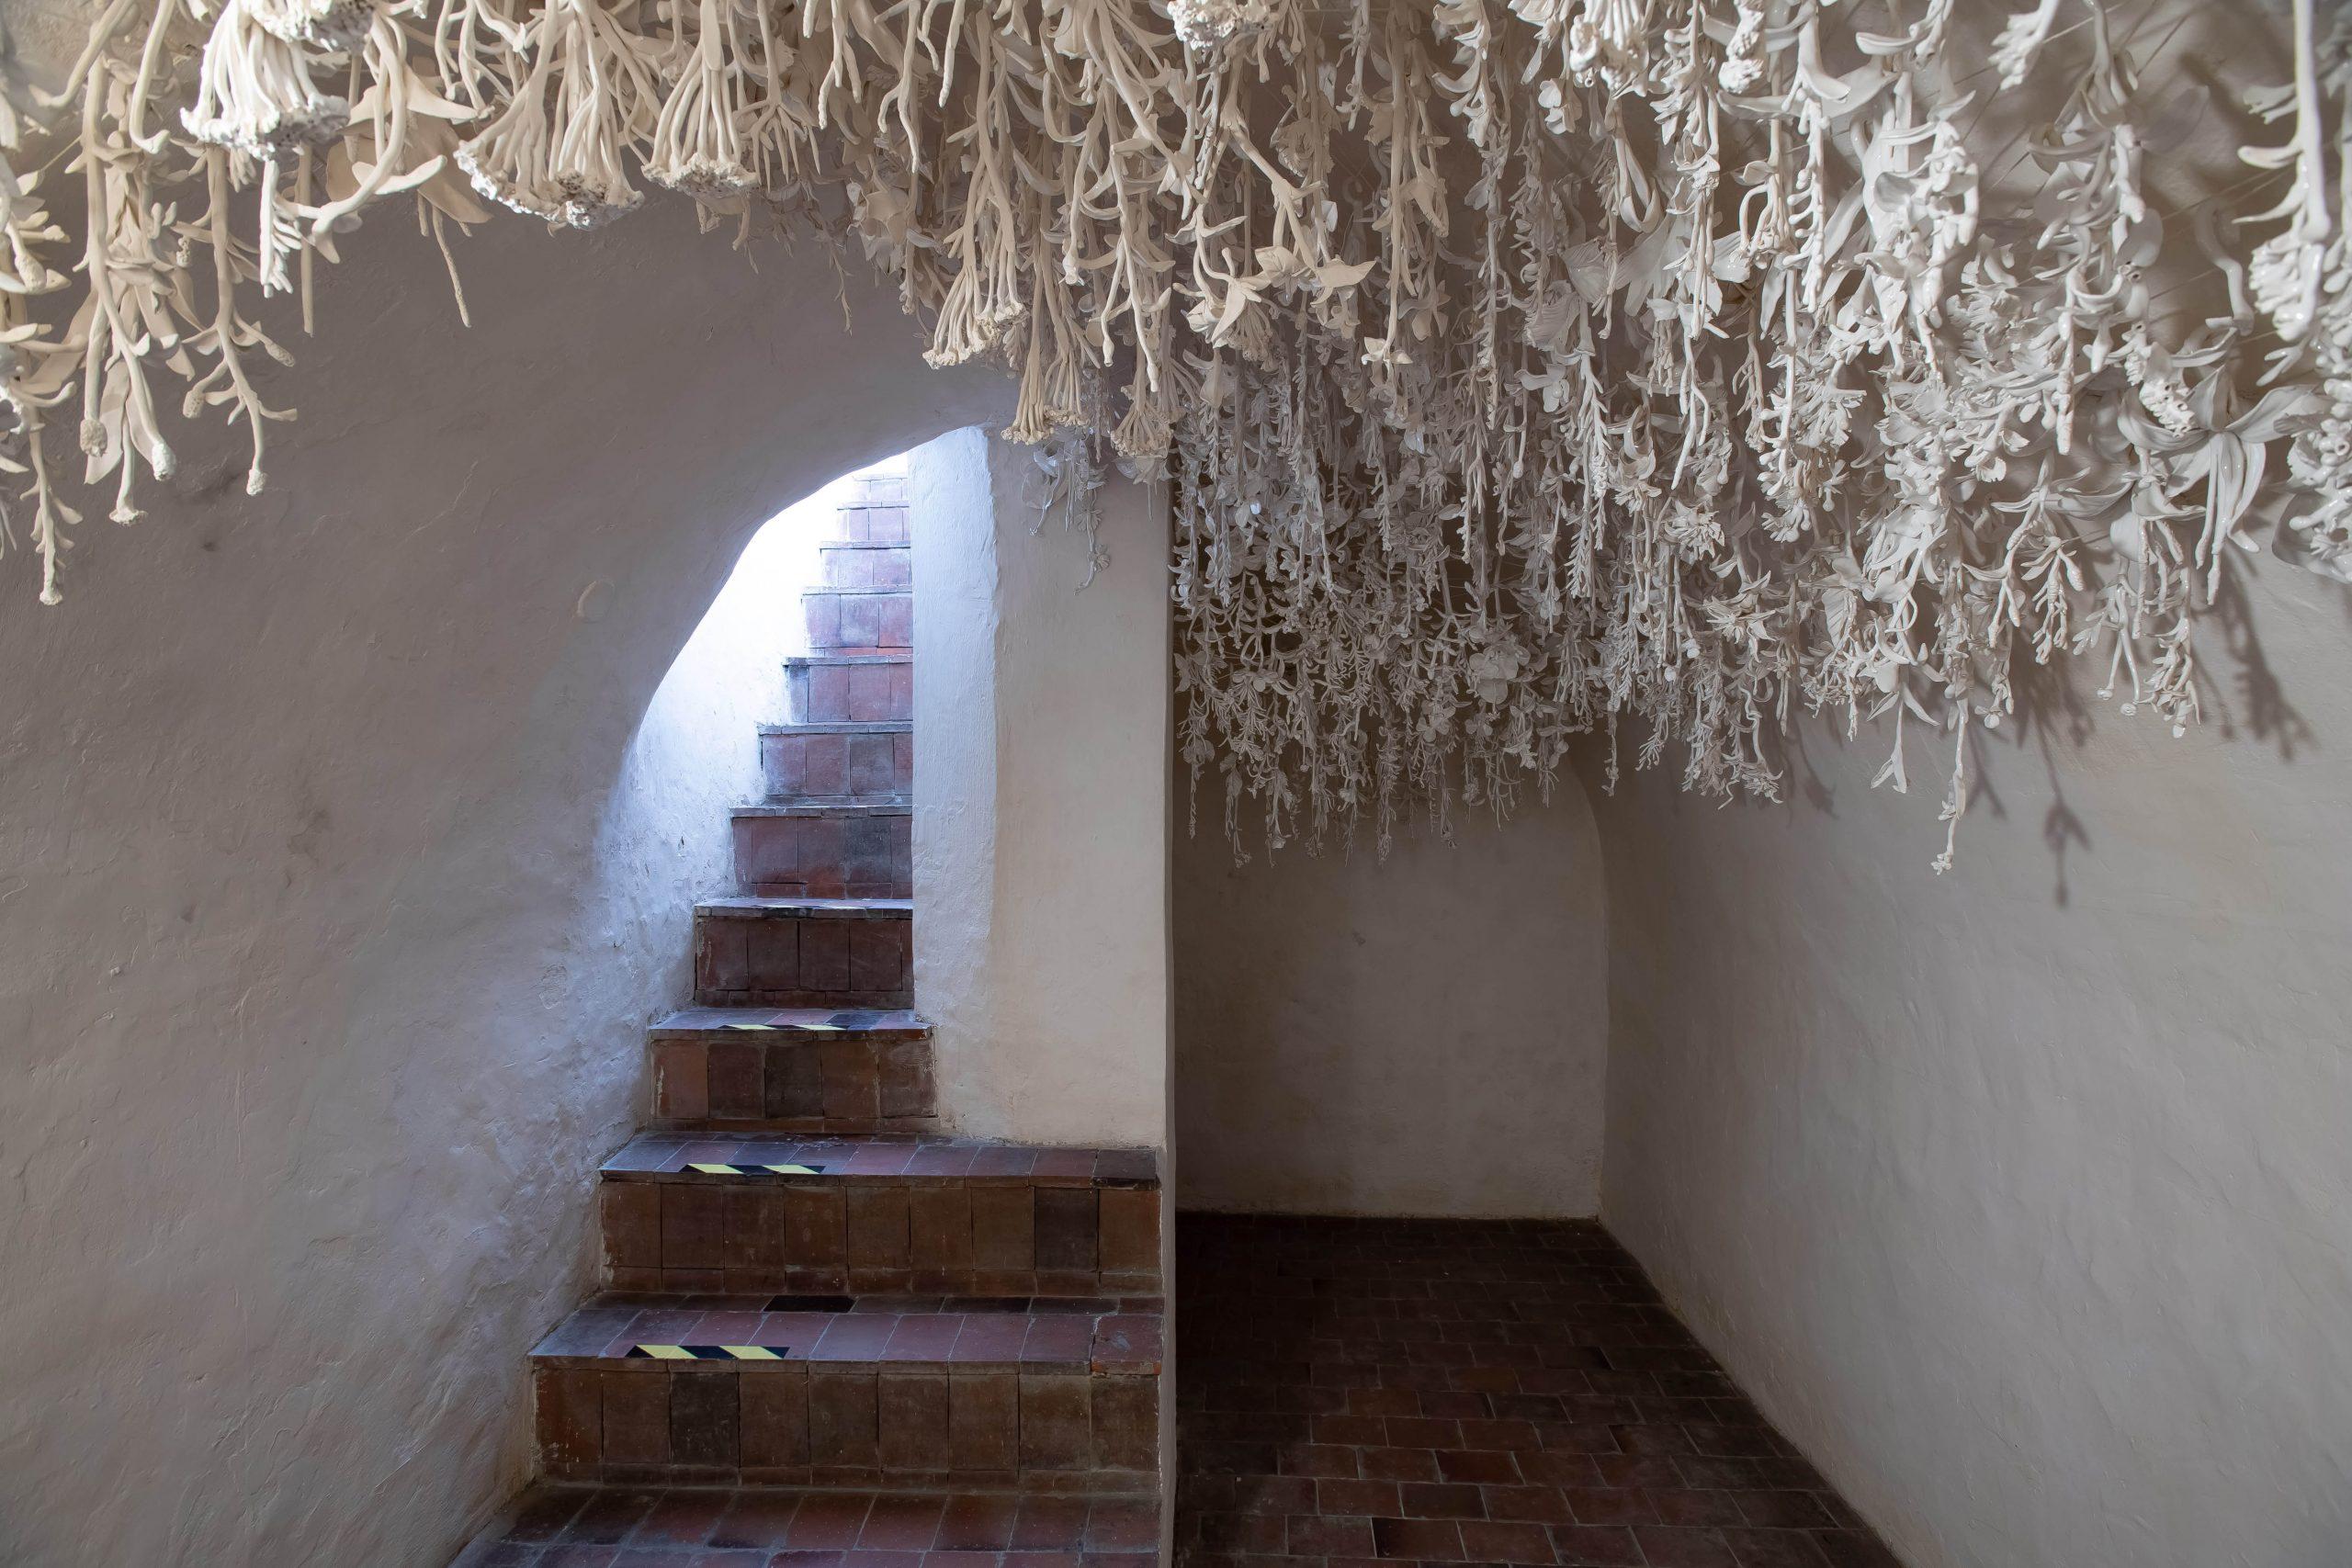 zdjęcie sali o półokrągłym suficie. z lewej strony schody na górę, z prawej fragment sali. z sufitu zwisają białe chwasty